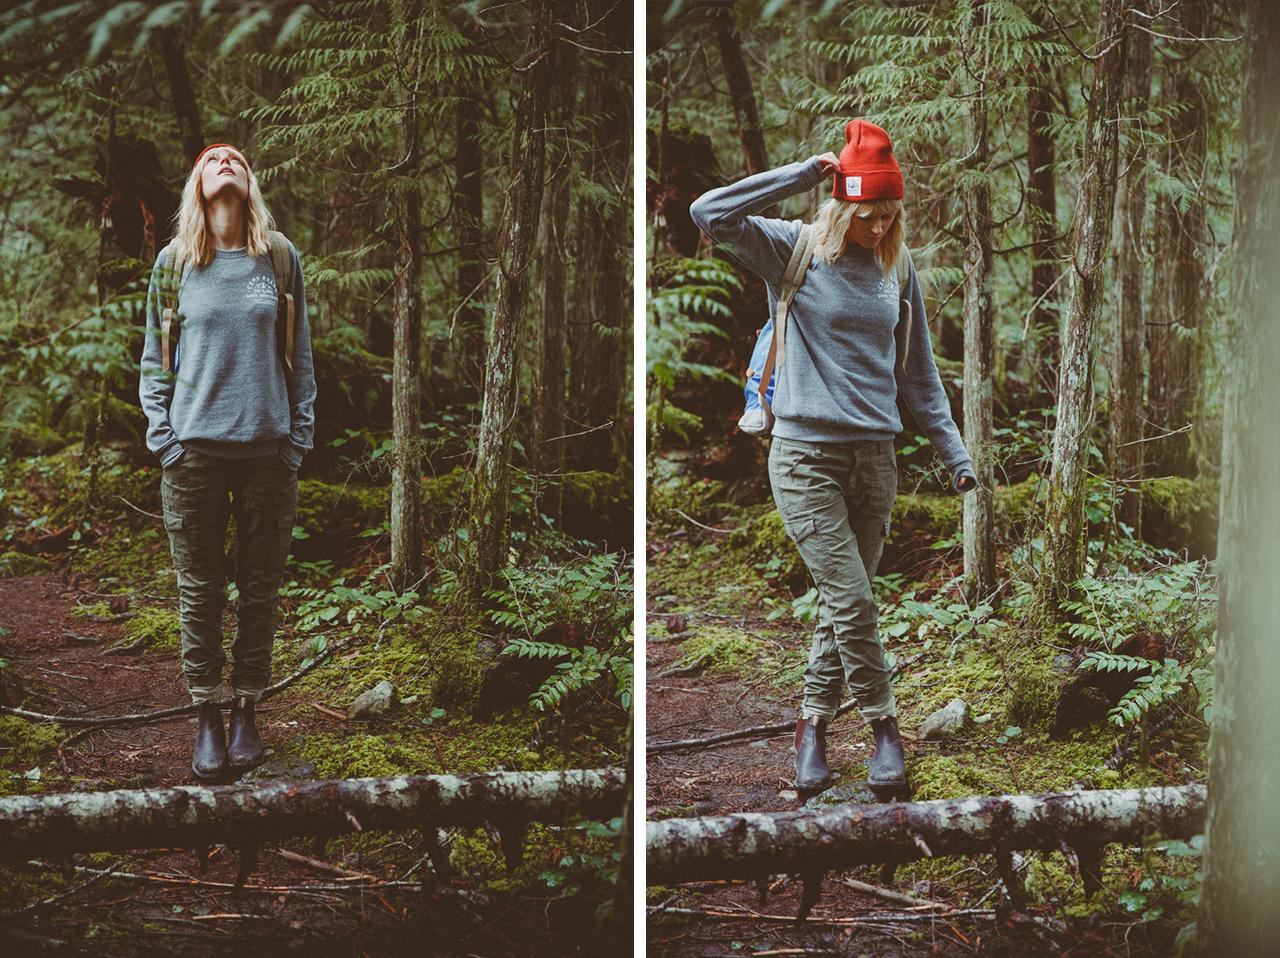 v-campbrandgoods-lifestyle-photographer-mikeseehagel-02